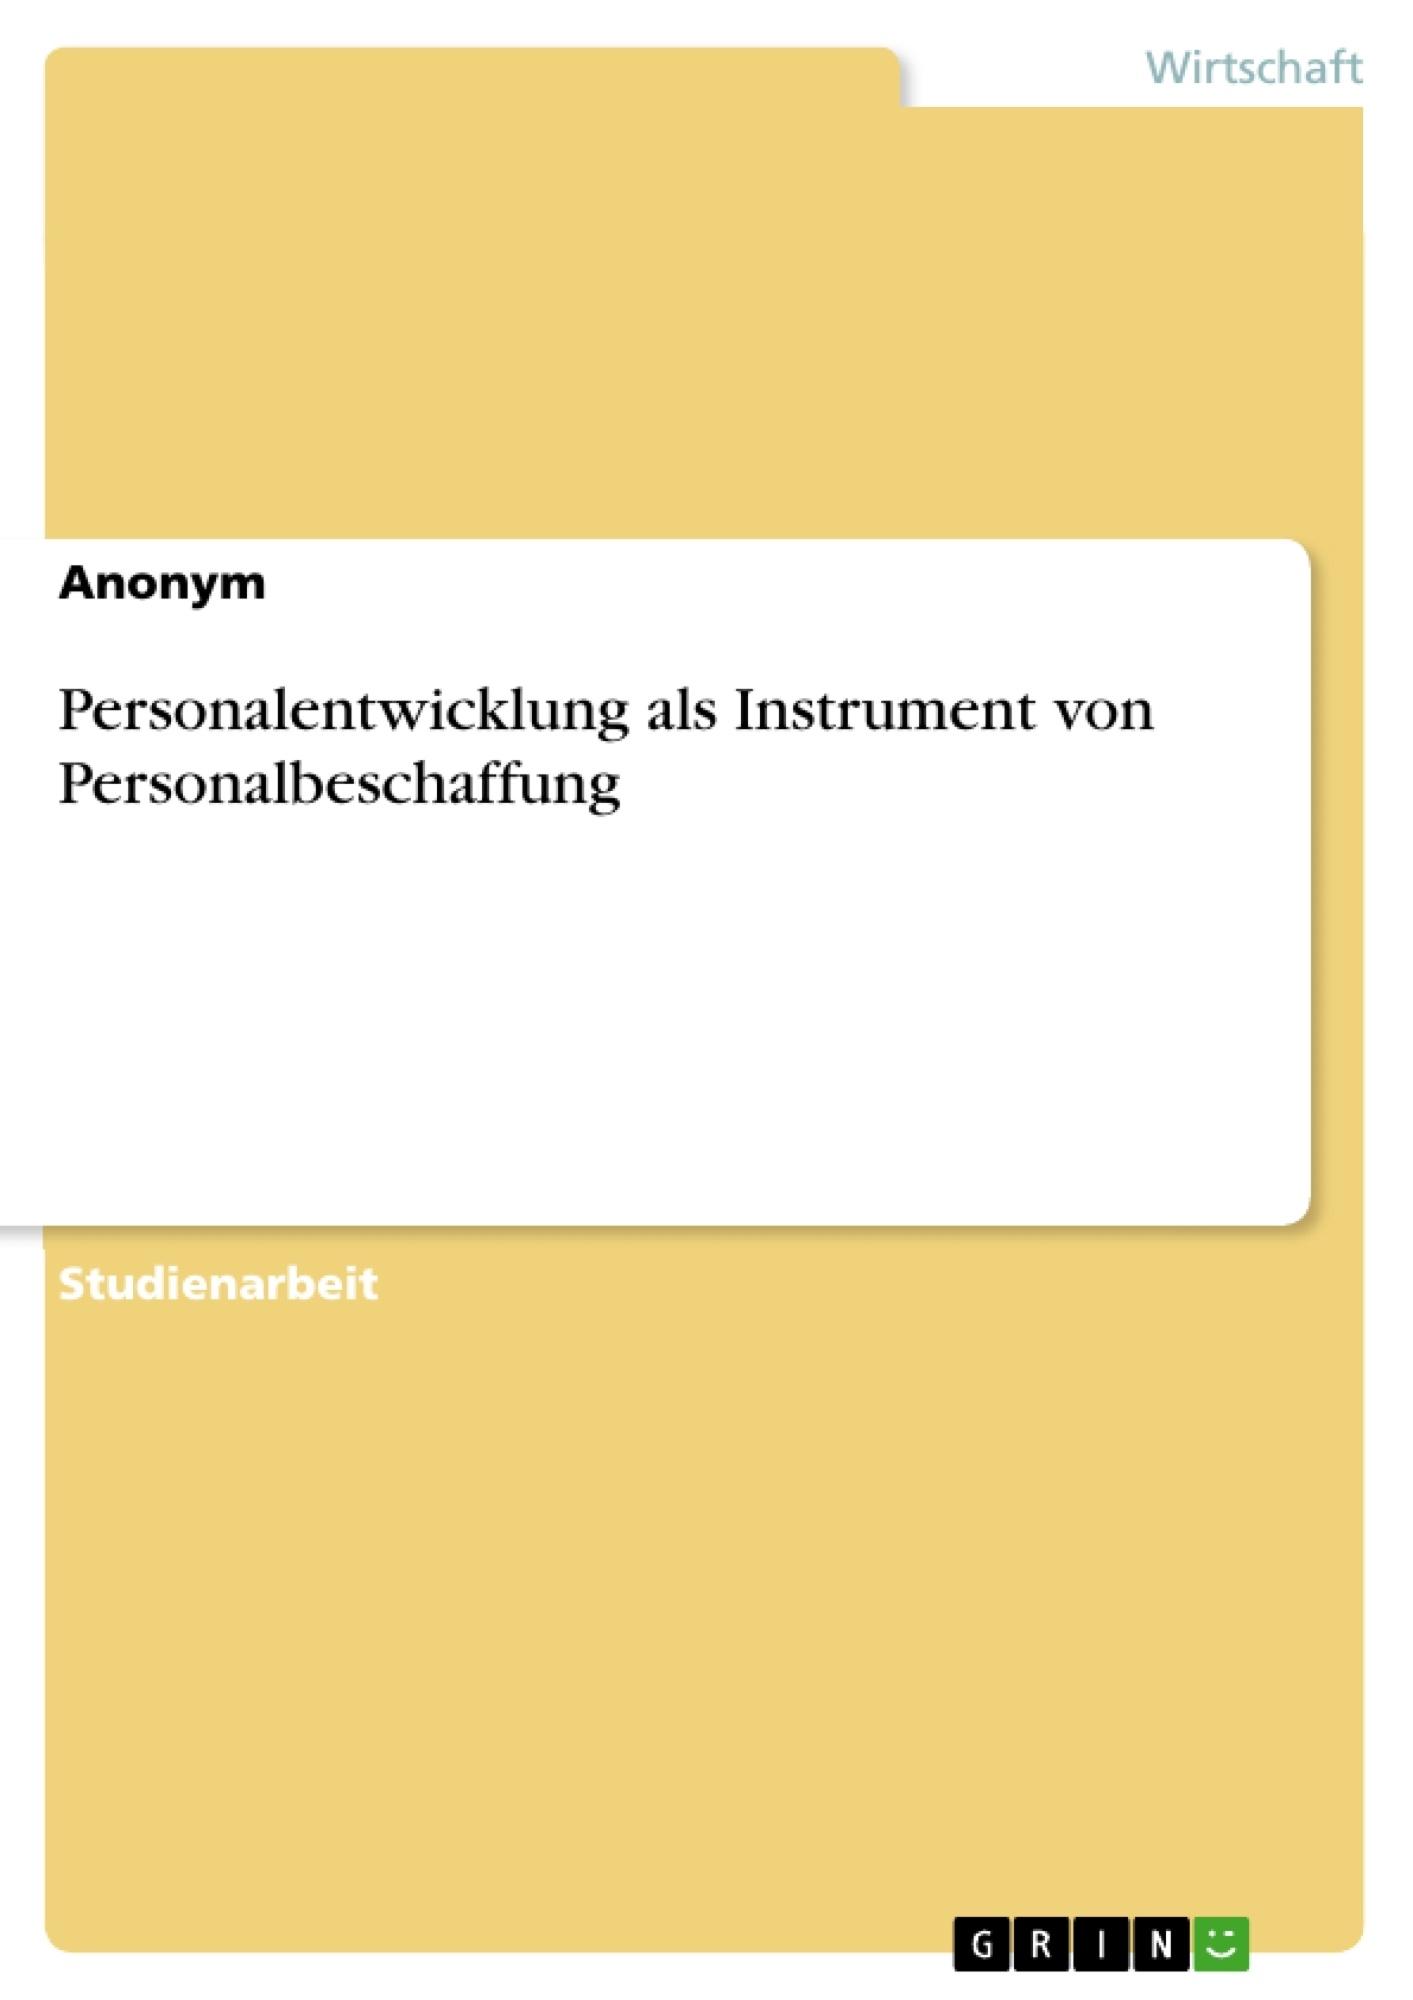 Titel: Personalentwicklung als Instrument von Personalbeschaffung